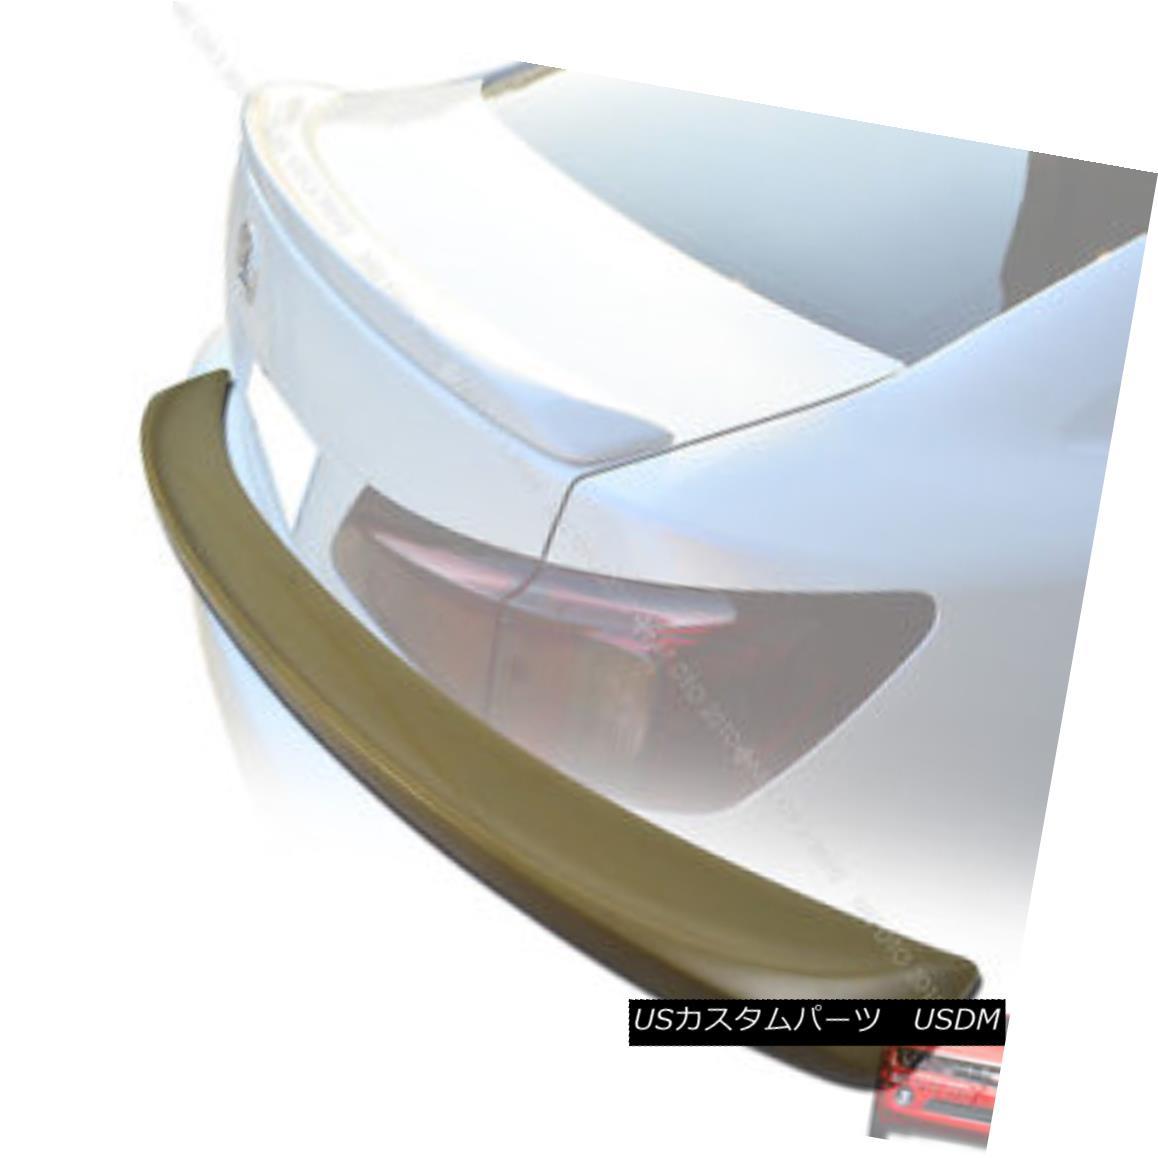 エアロパーツ For Lexus IS250 IS350 F Type Rear Trunk Spoiler Wing 06 08 10 12 § レクサスIS250 IS350 Fタイプリアトランク・スポイラー・ウィング06 08 10 12